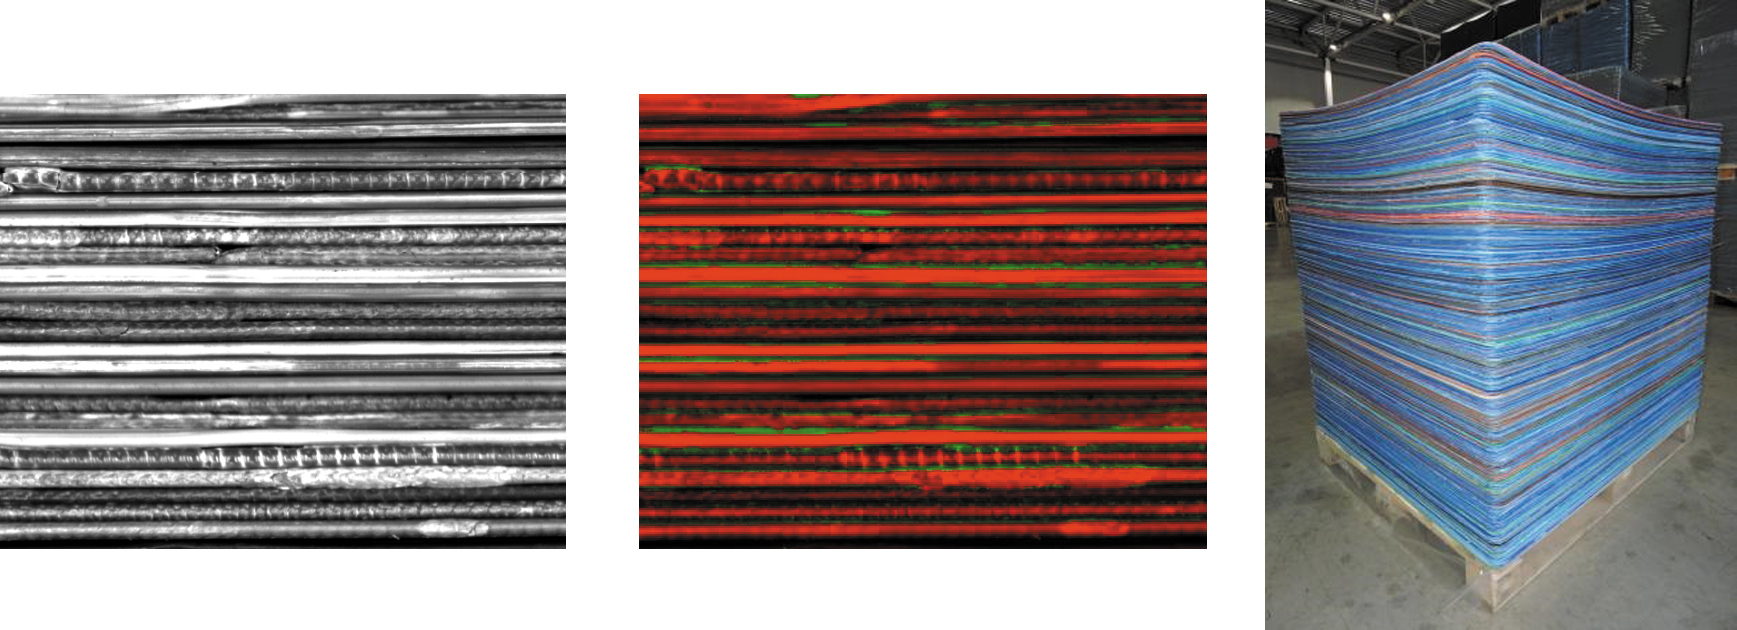 Подсчет полипропиленовых разделительных пластин на палете